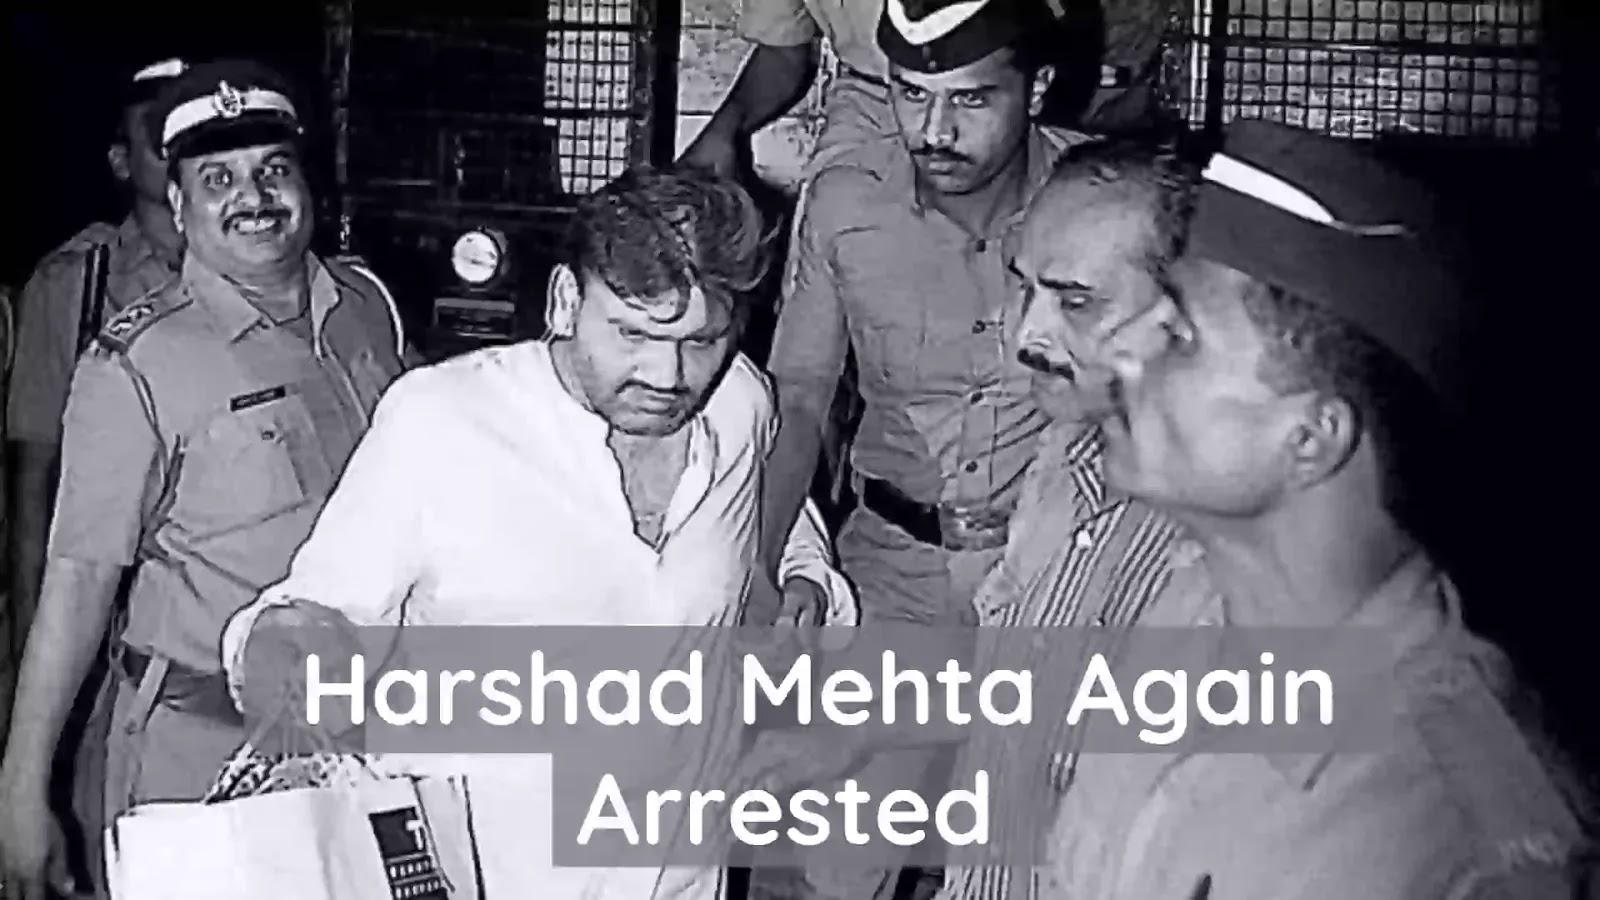 Harshad Mehta Again Arrested